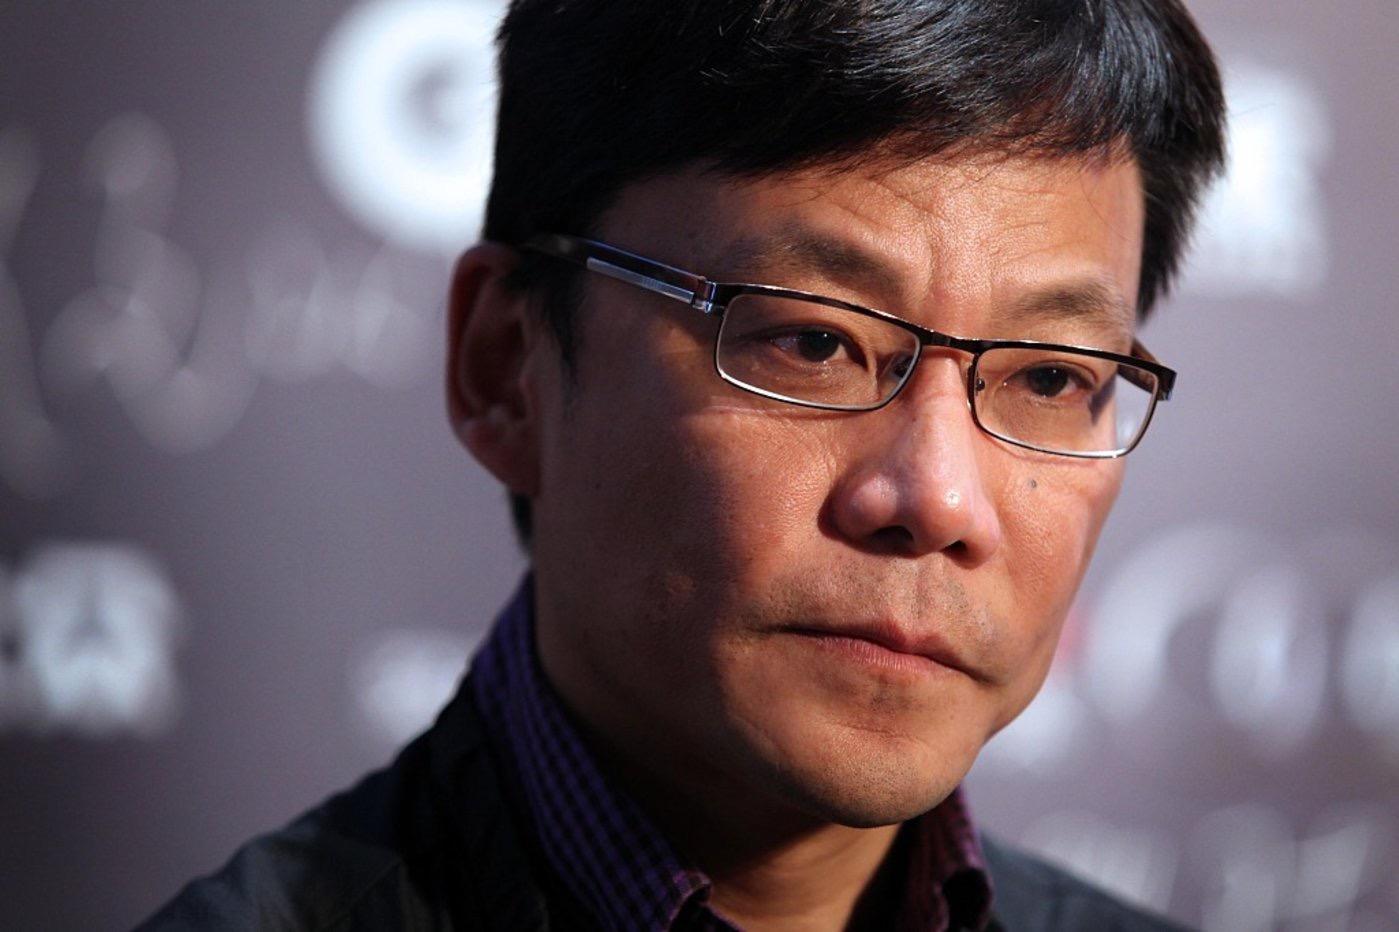 李国庆单方面公布当当最新人事调整:俞渝负责公益基金项目